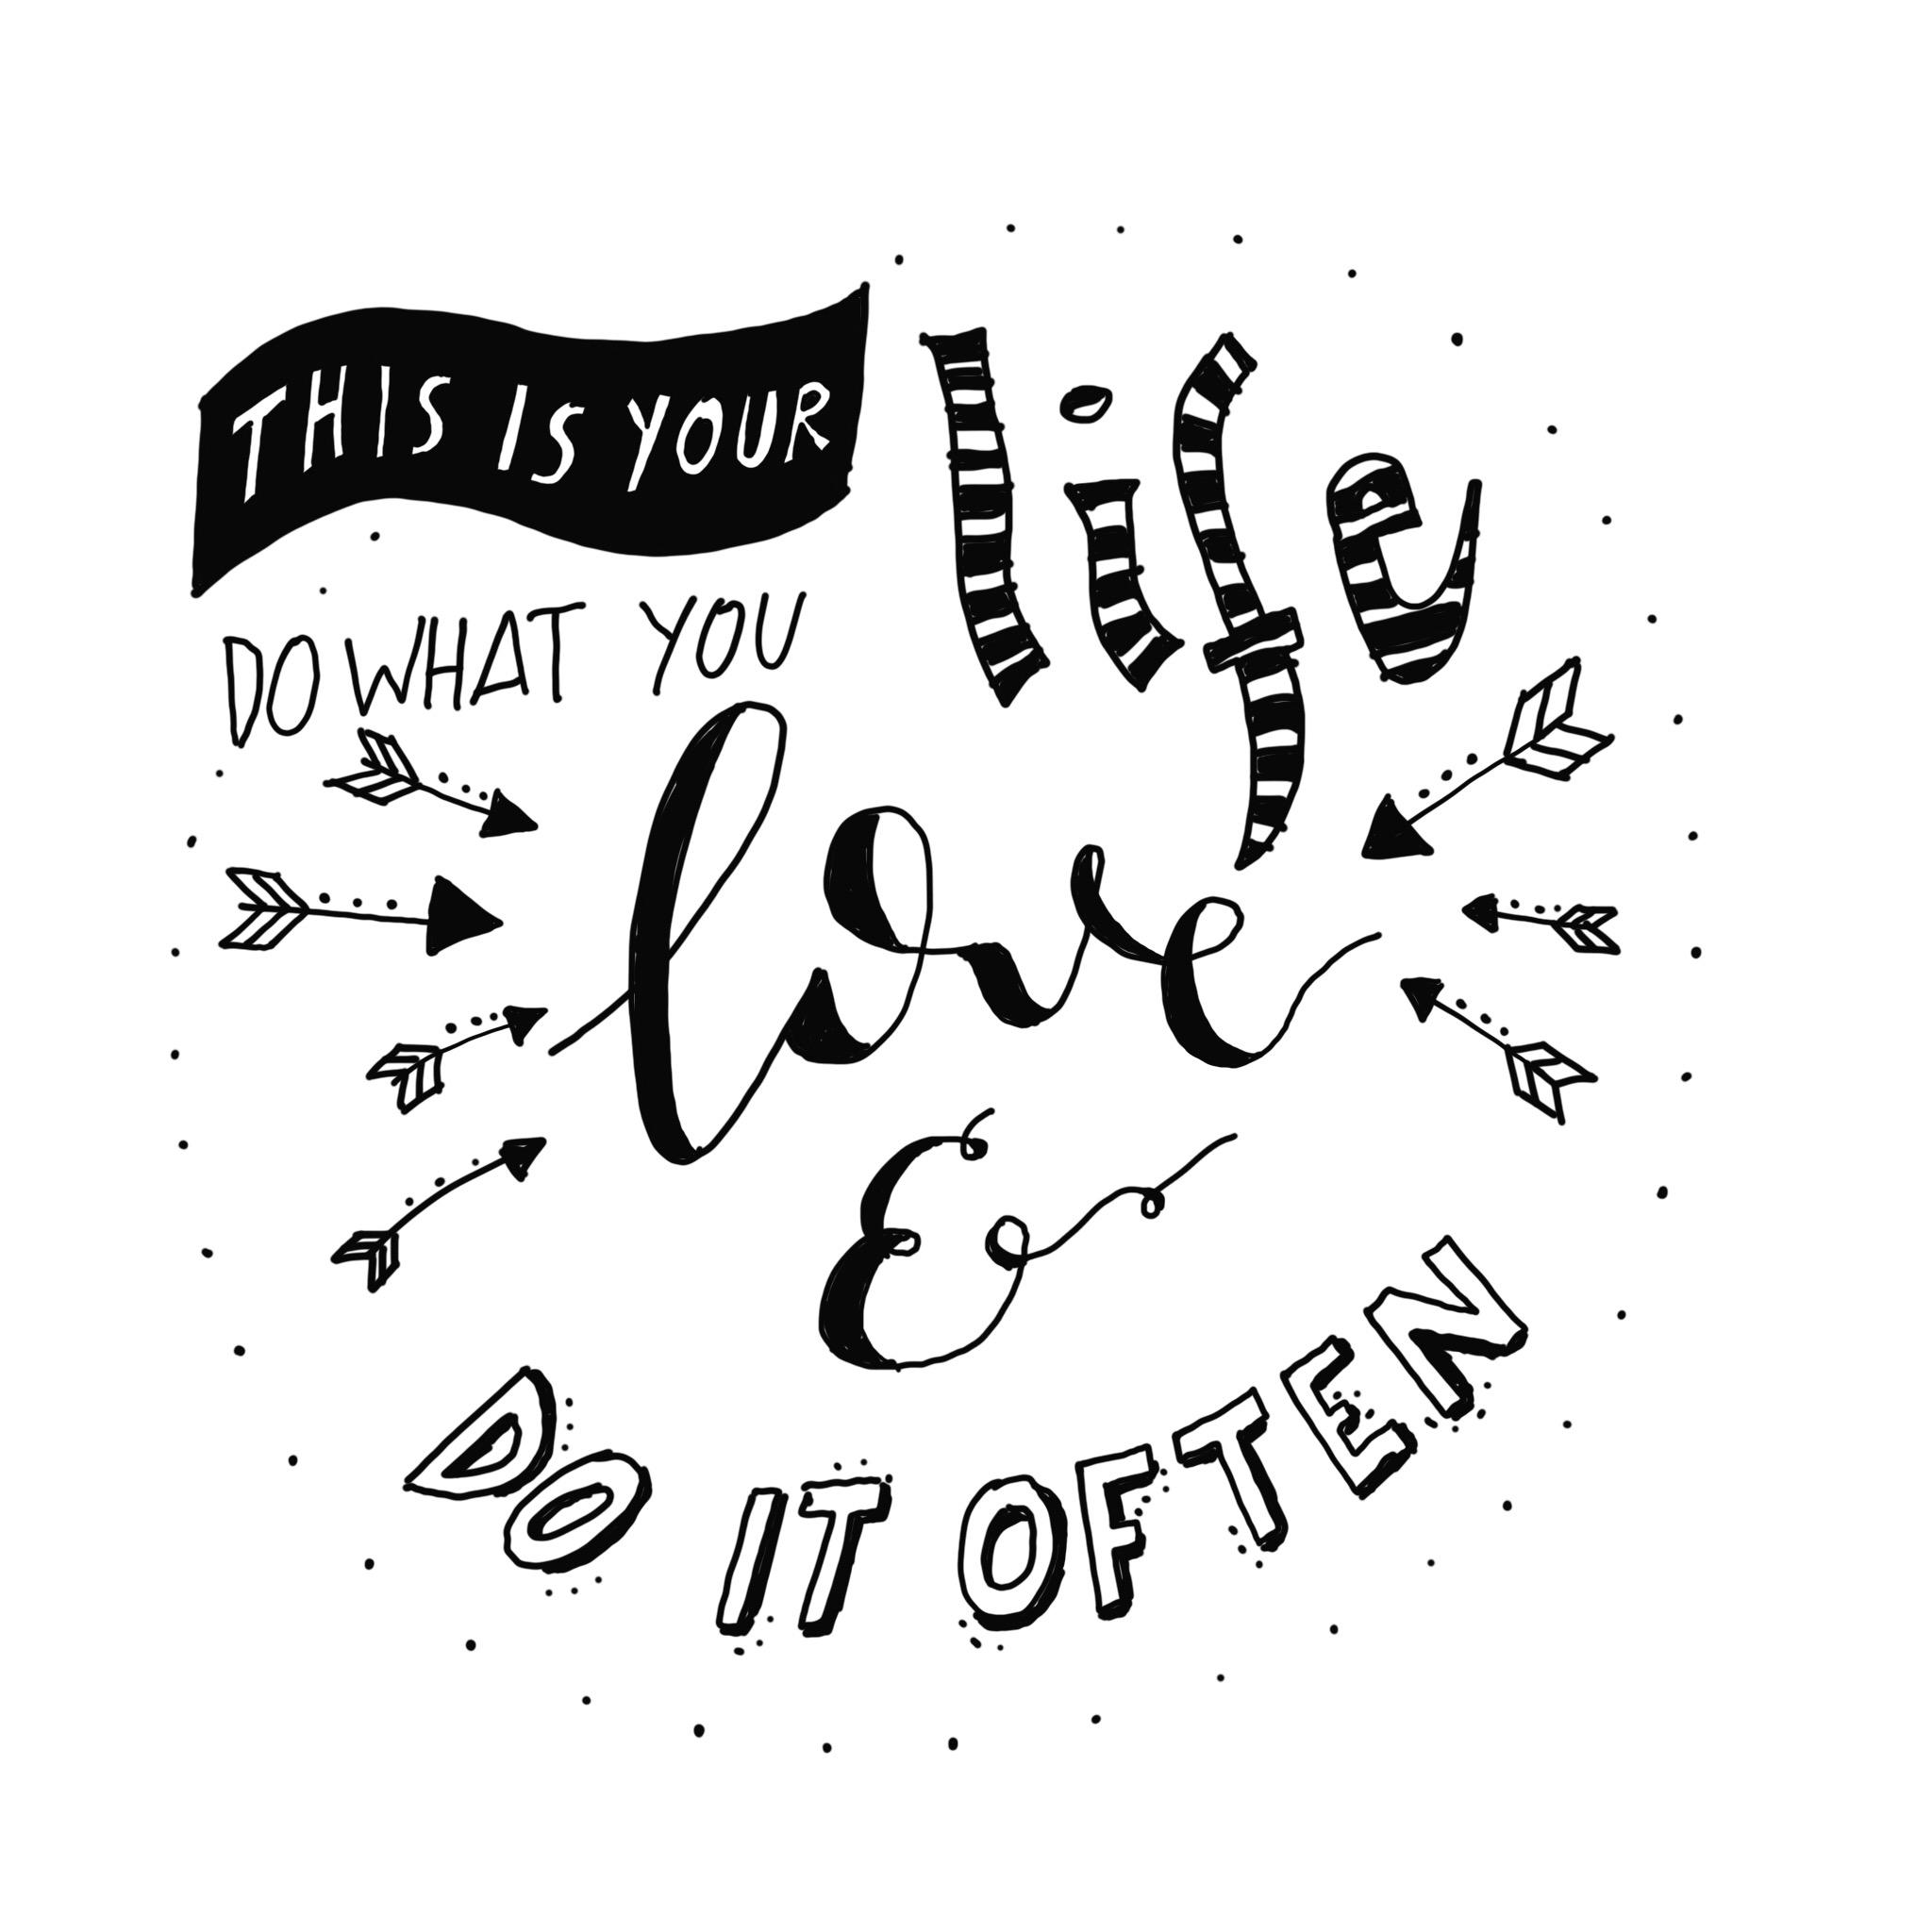 Auf dem Weg meine Kreativität wirklich jeden Tag auszuleben | Die ersten 18 Tage